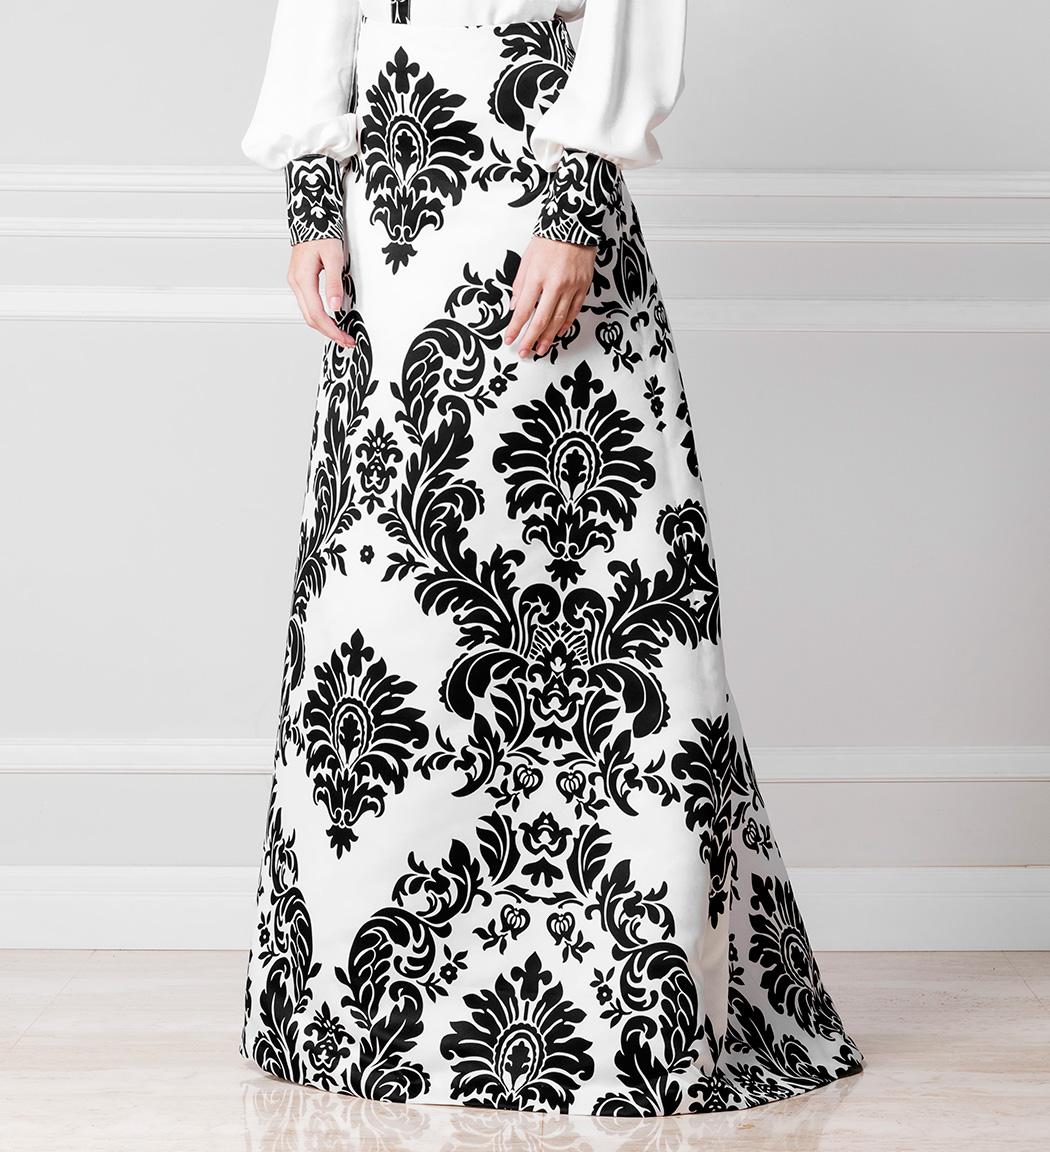 Falda estampada blanco y negro - €230